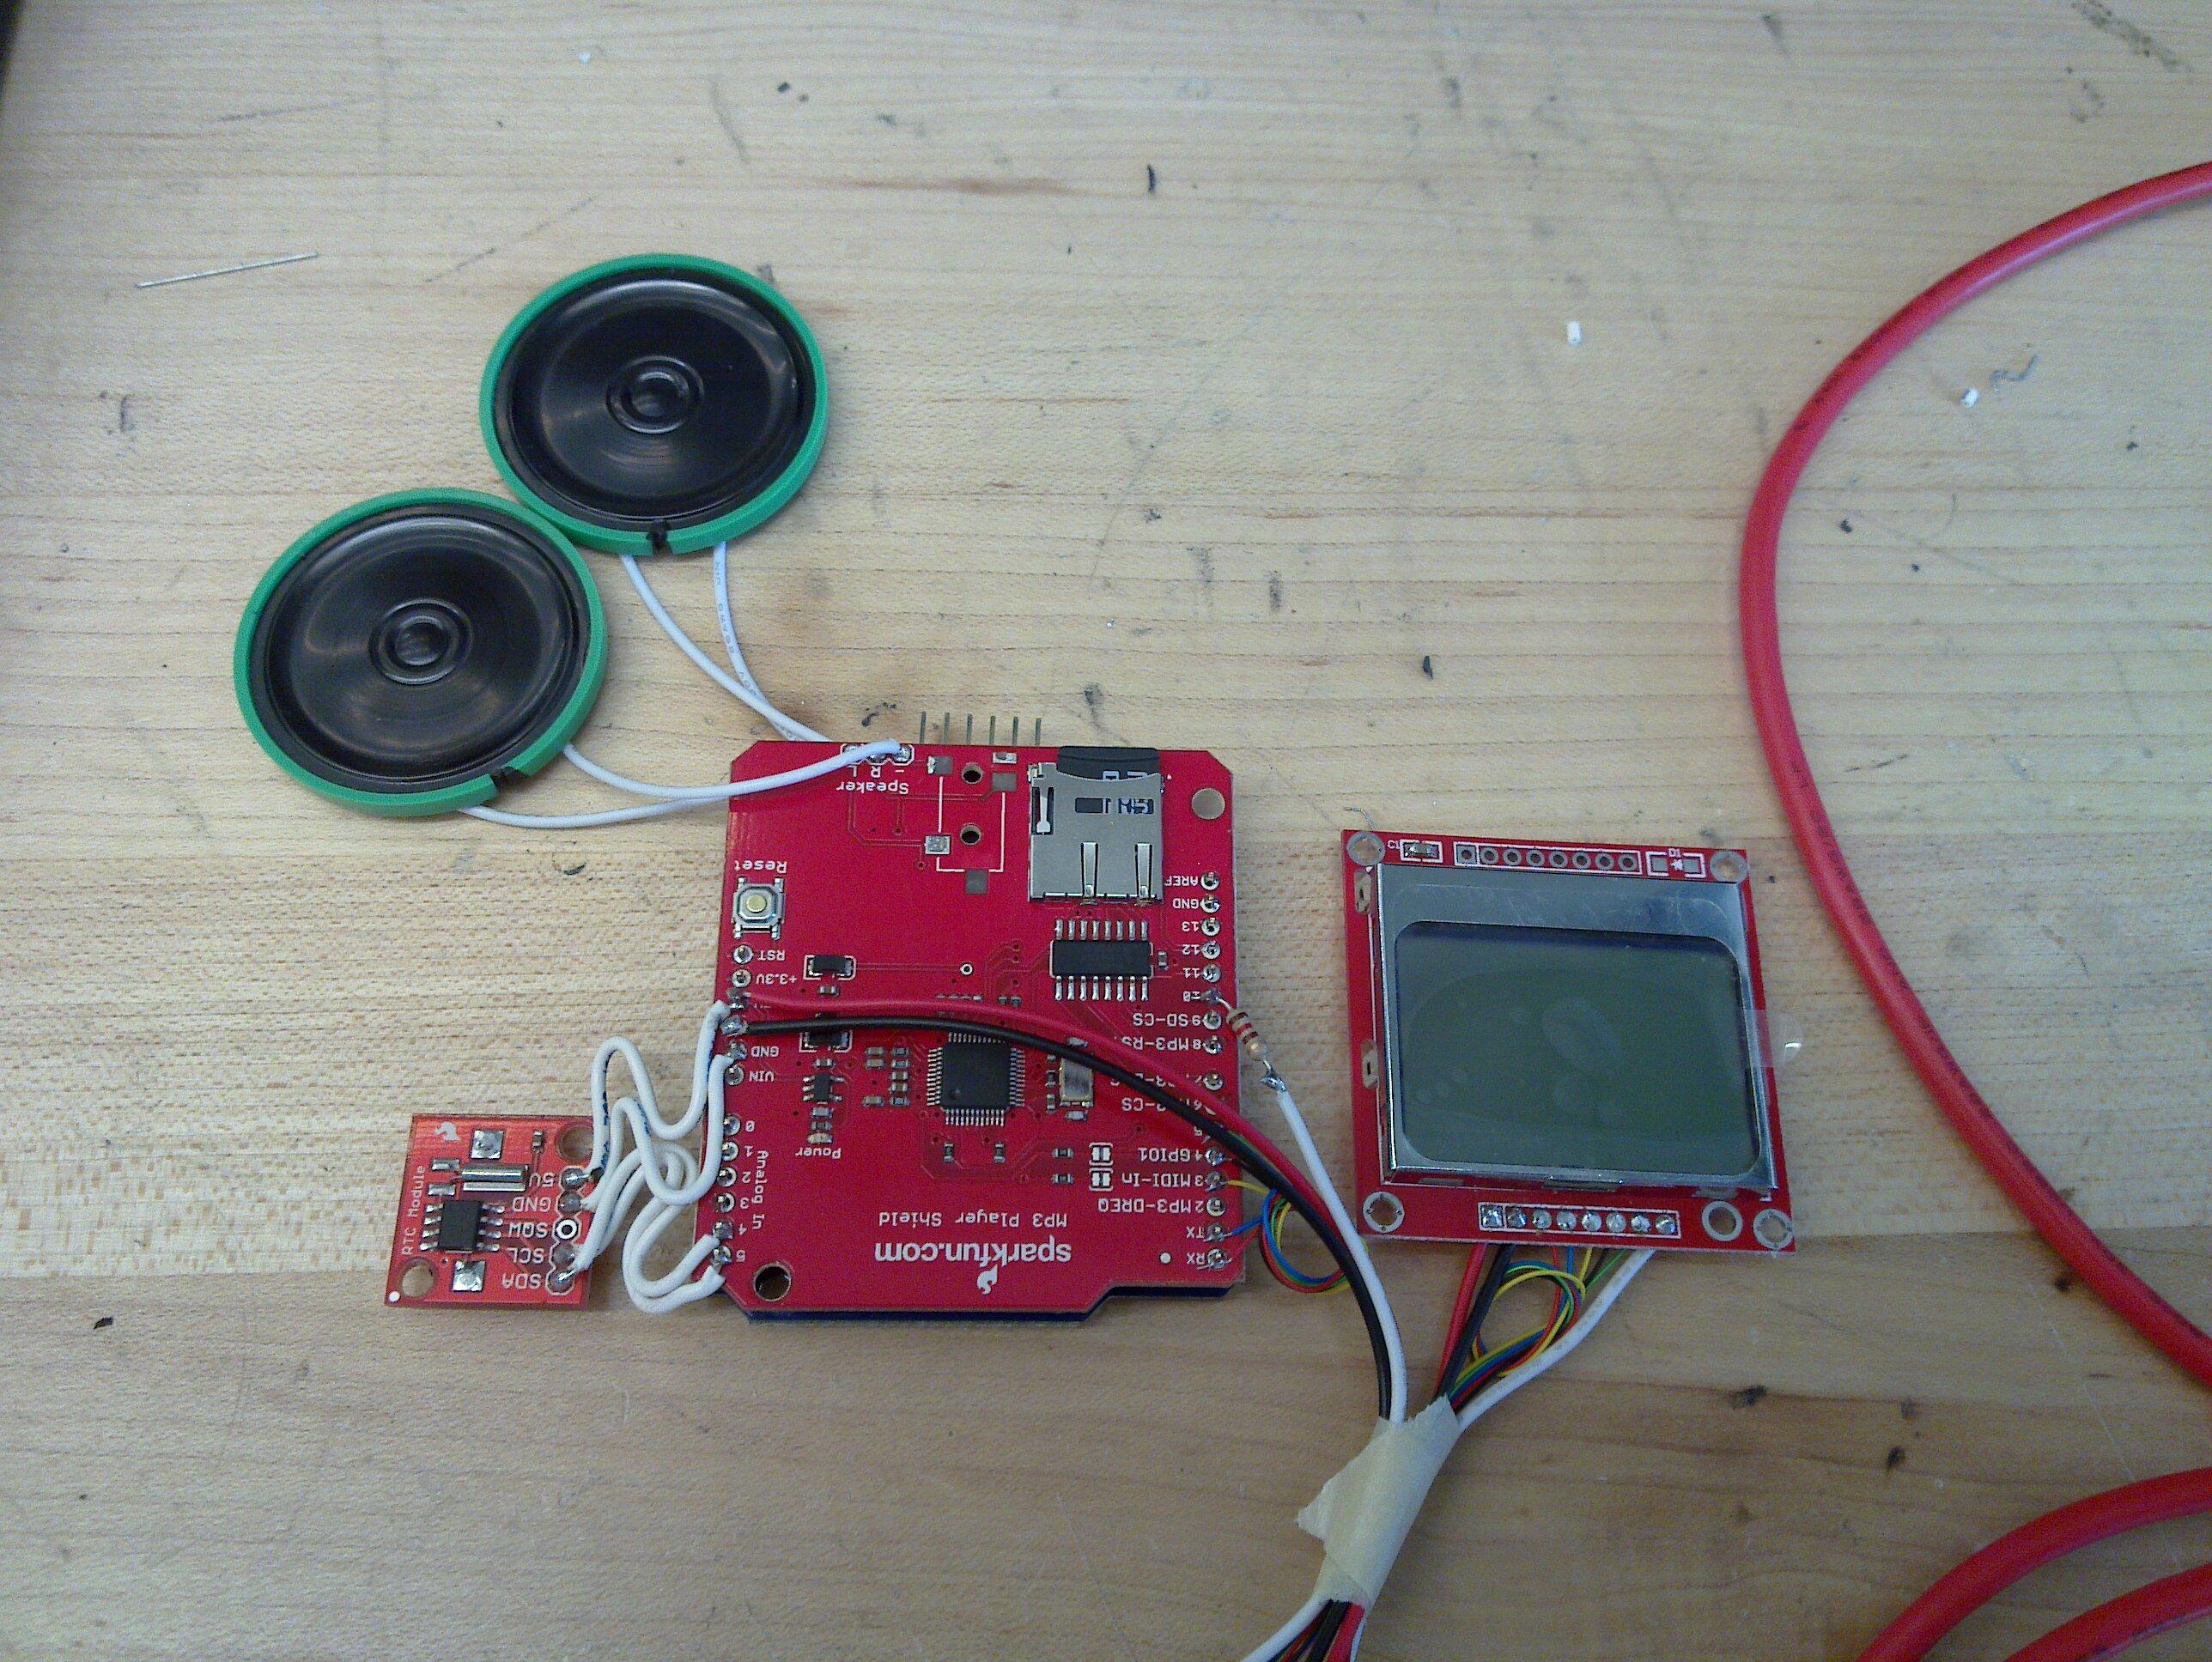 Functional Prototype